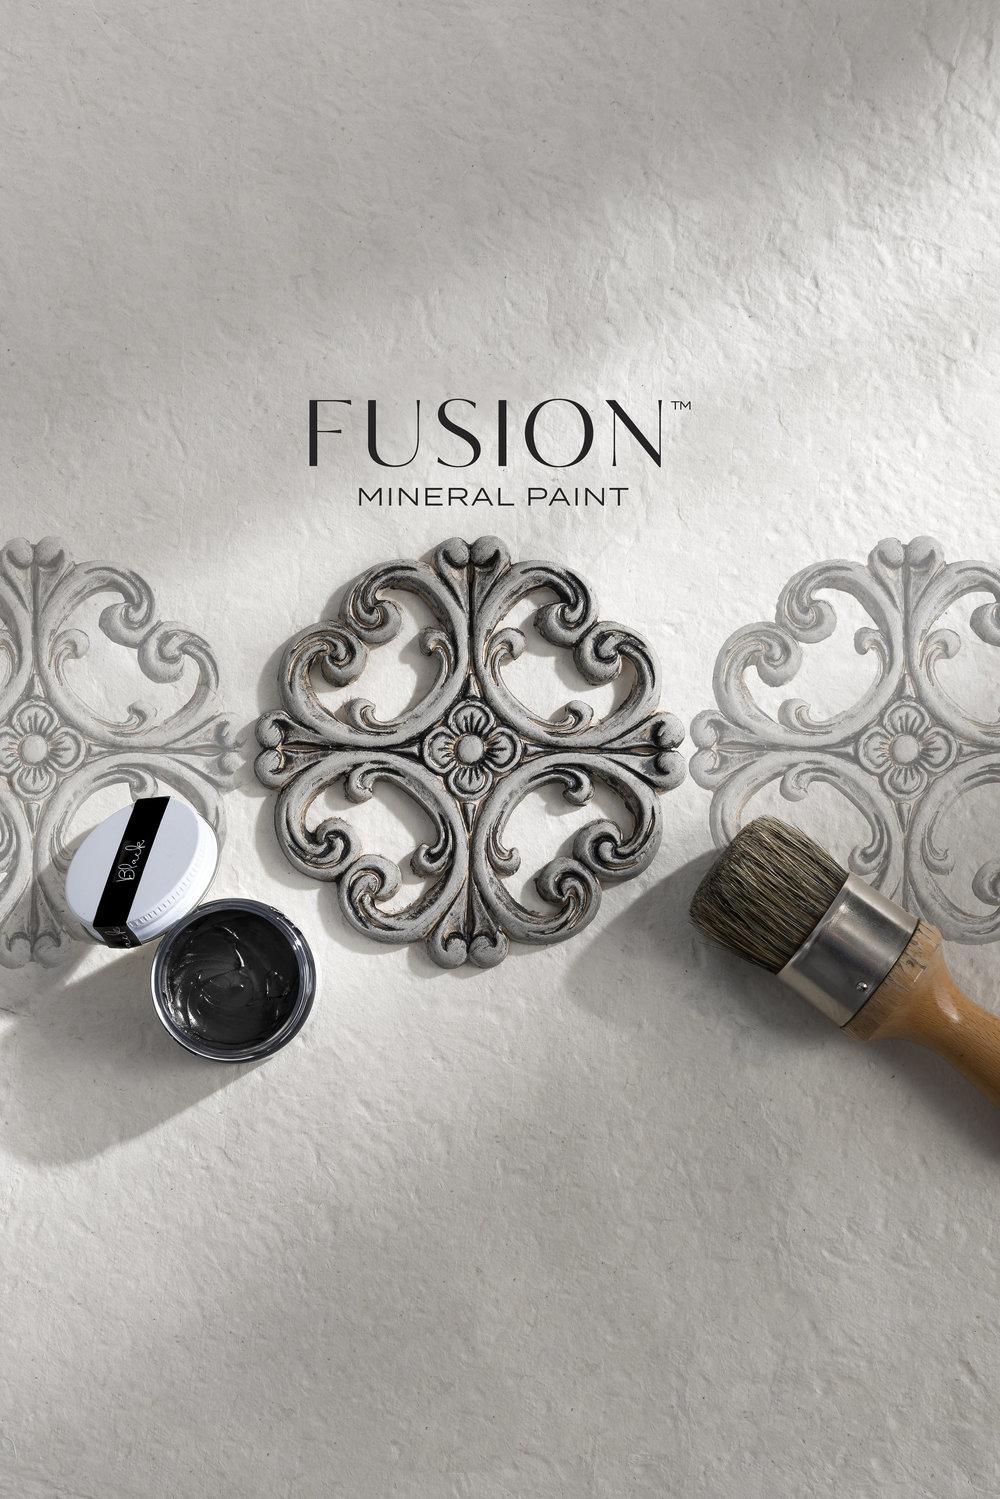 Fusion_Mineral_Paint_wax_black_creative_2.jpg